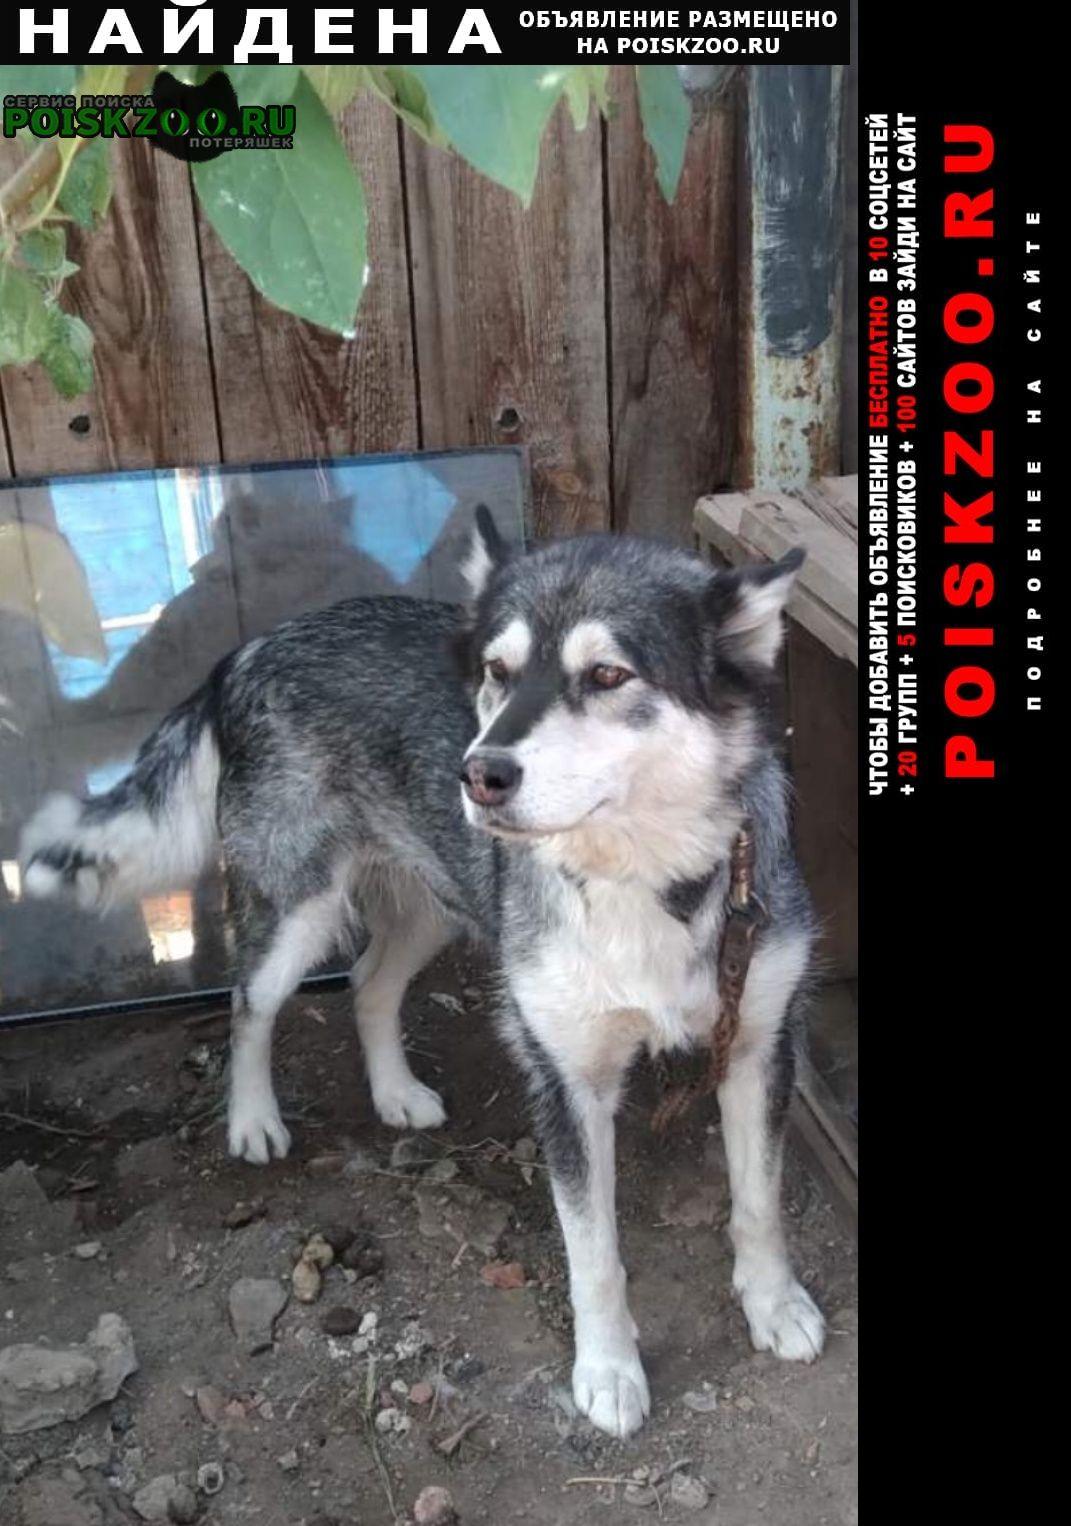 Найдена собака сибирская хаски Оренбург